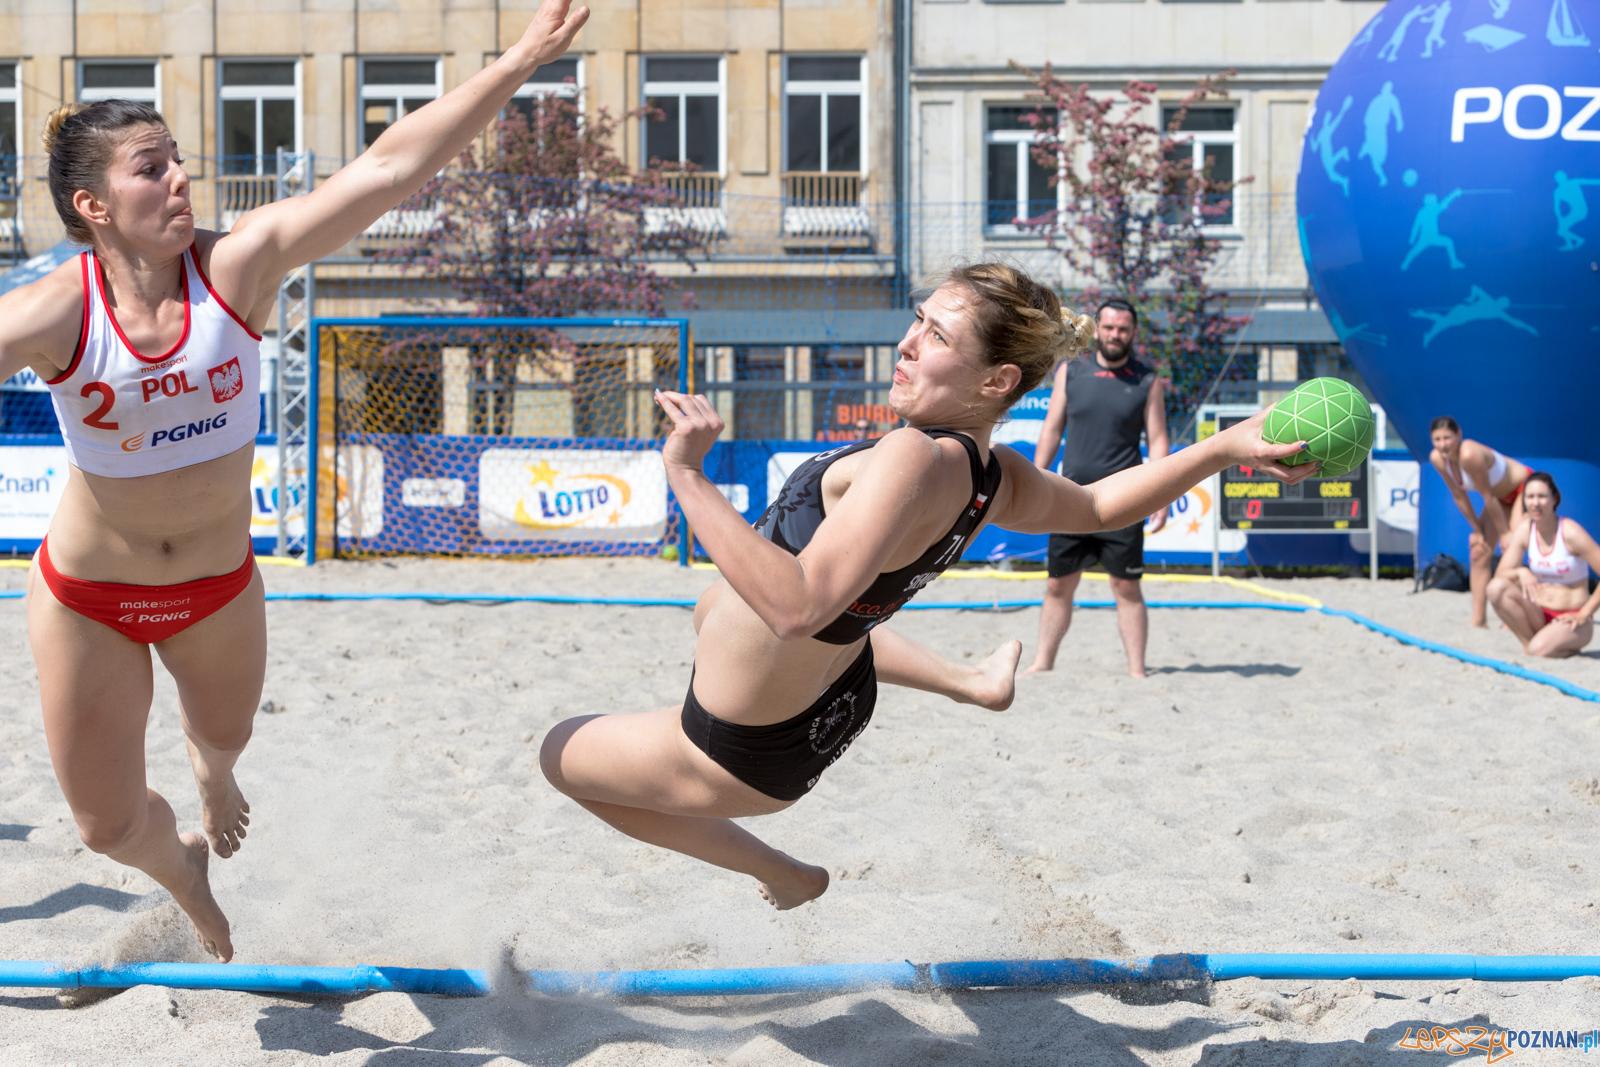 Plaża Wolności 2019  Foto: lepszyPOZNAN.pl/Piotr Rychter